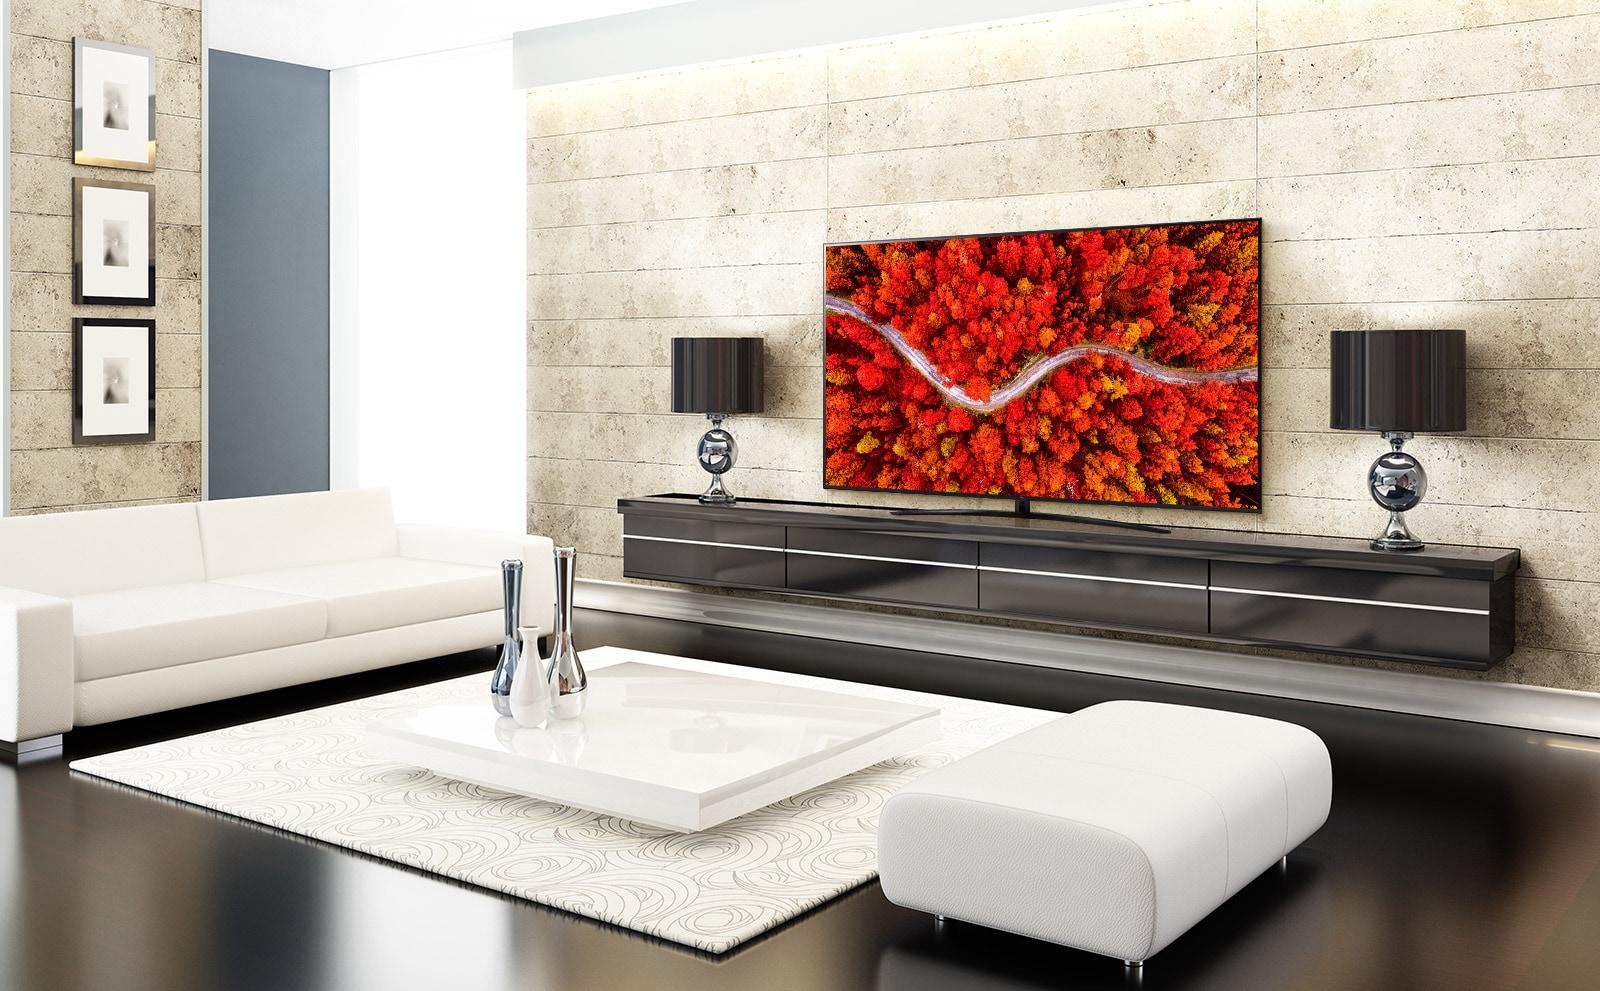 Una sala de estar de lujo con un televisor que muestra una vista aérea de los bosques en rojo.